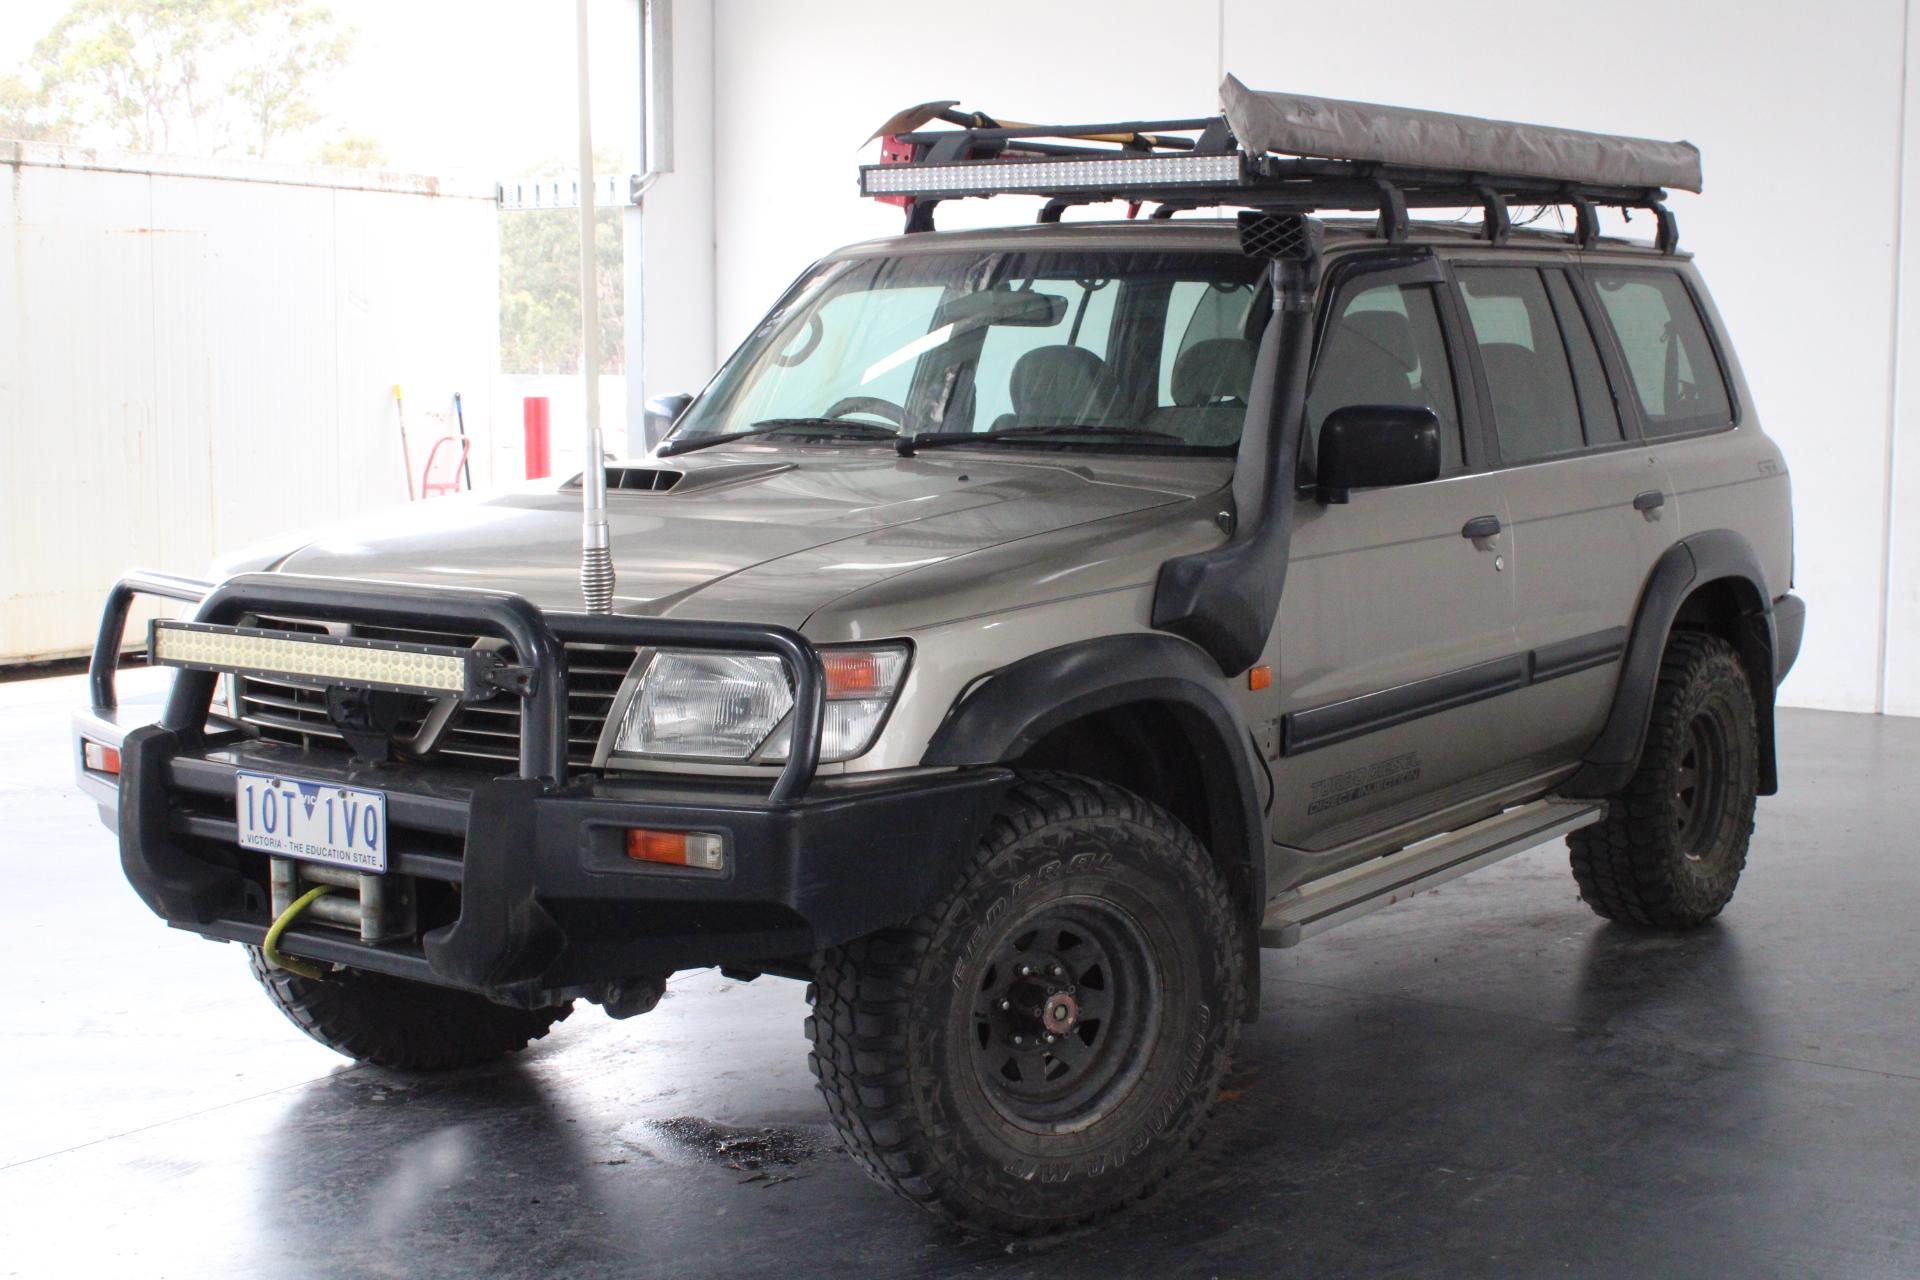 2000 Nissan Patrol ST (4x4) GU II Turbo Diesel Automatic 7 Seats Wagon